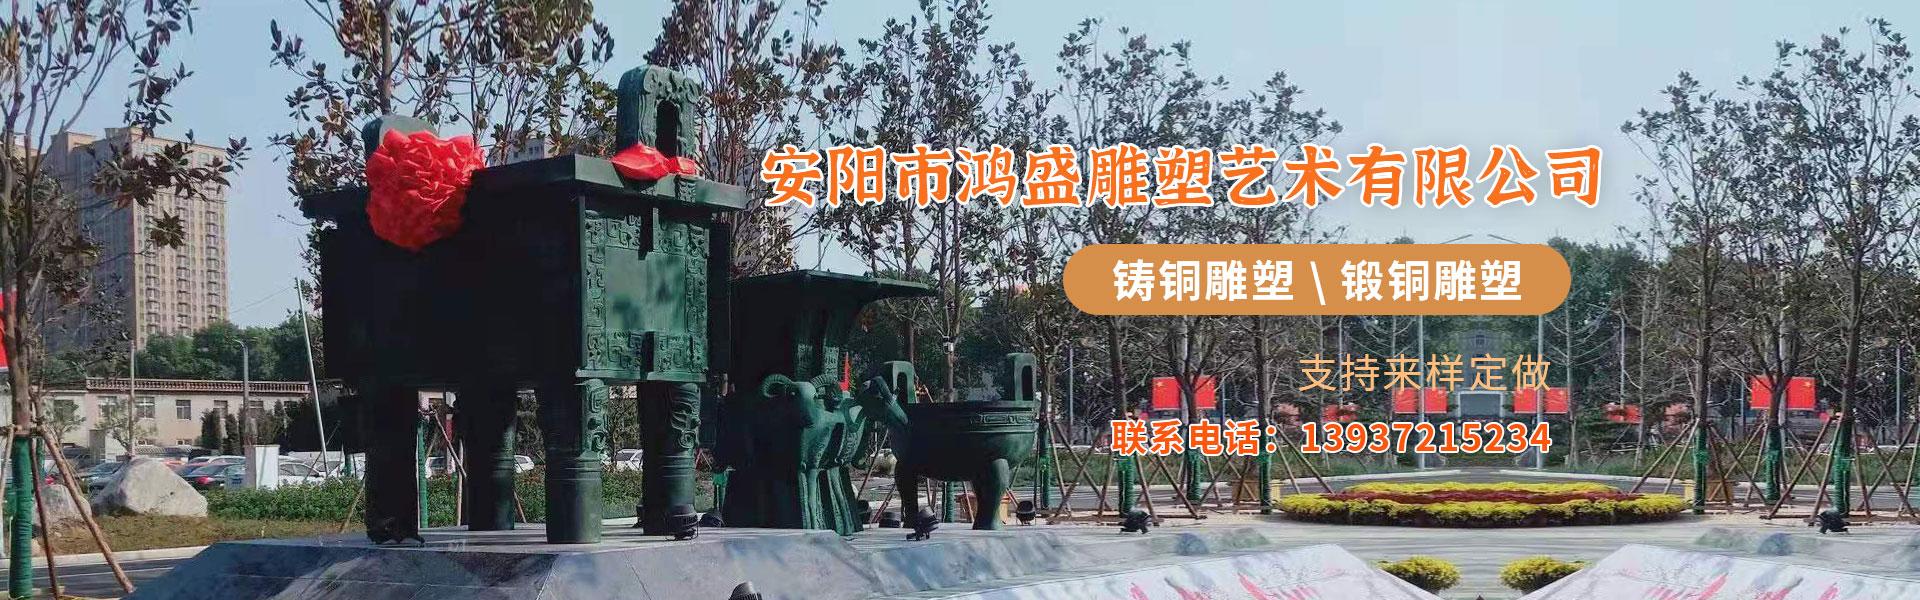 安陽雕塑廠家,河南不銹鋼雕塑